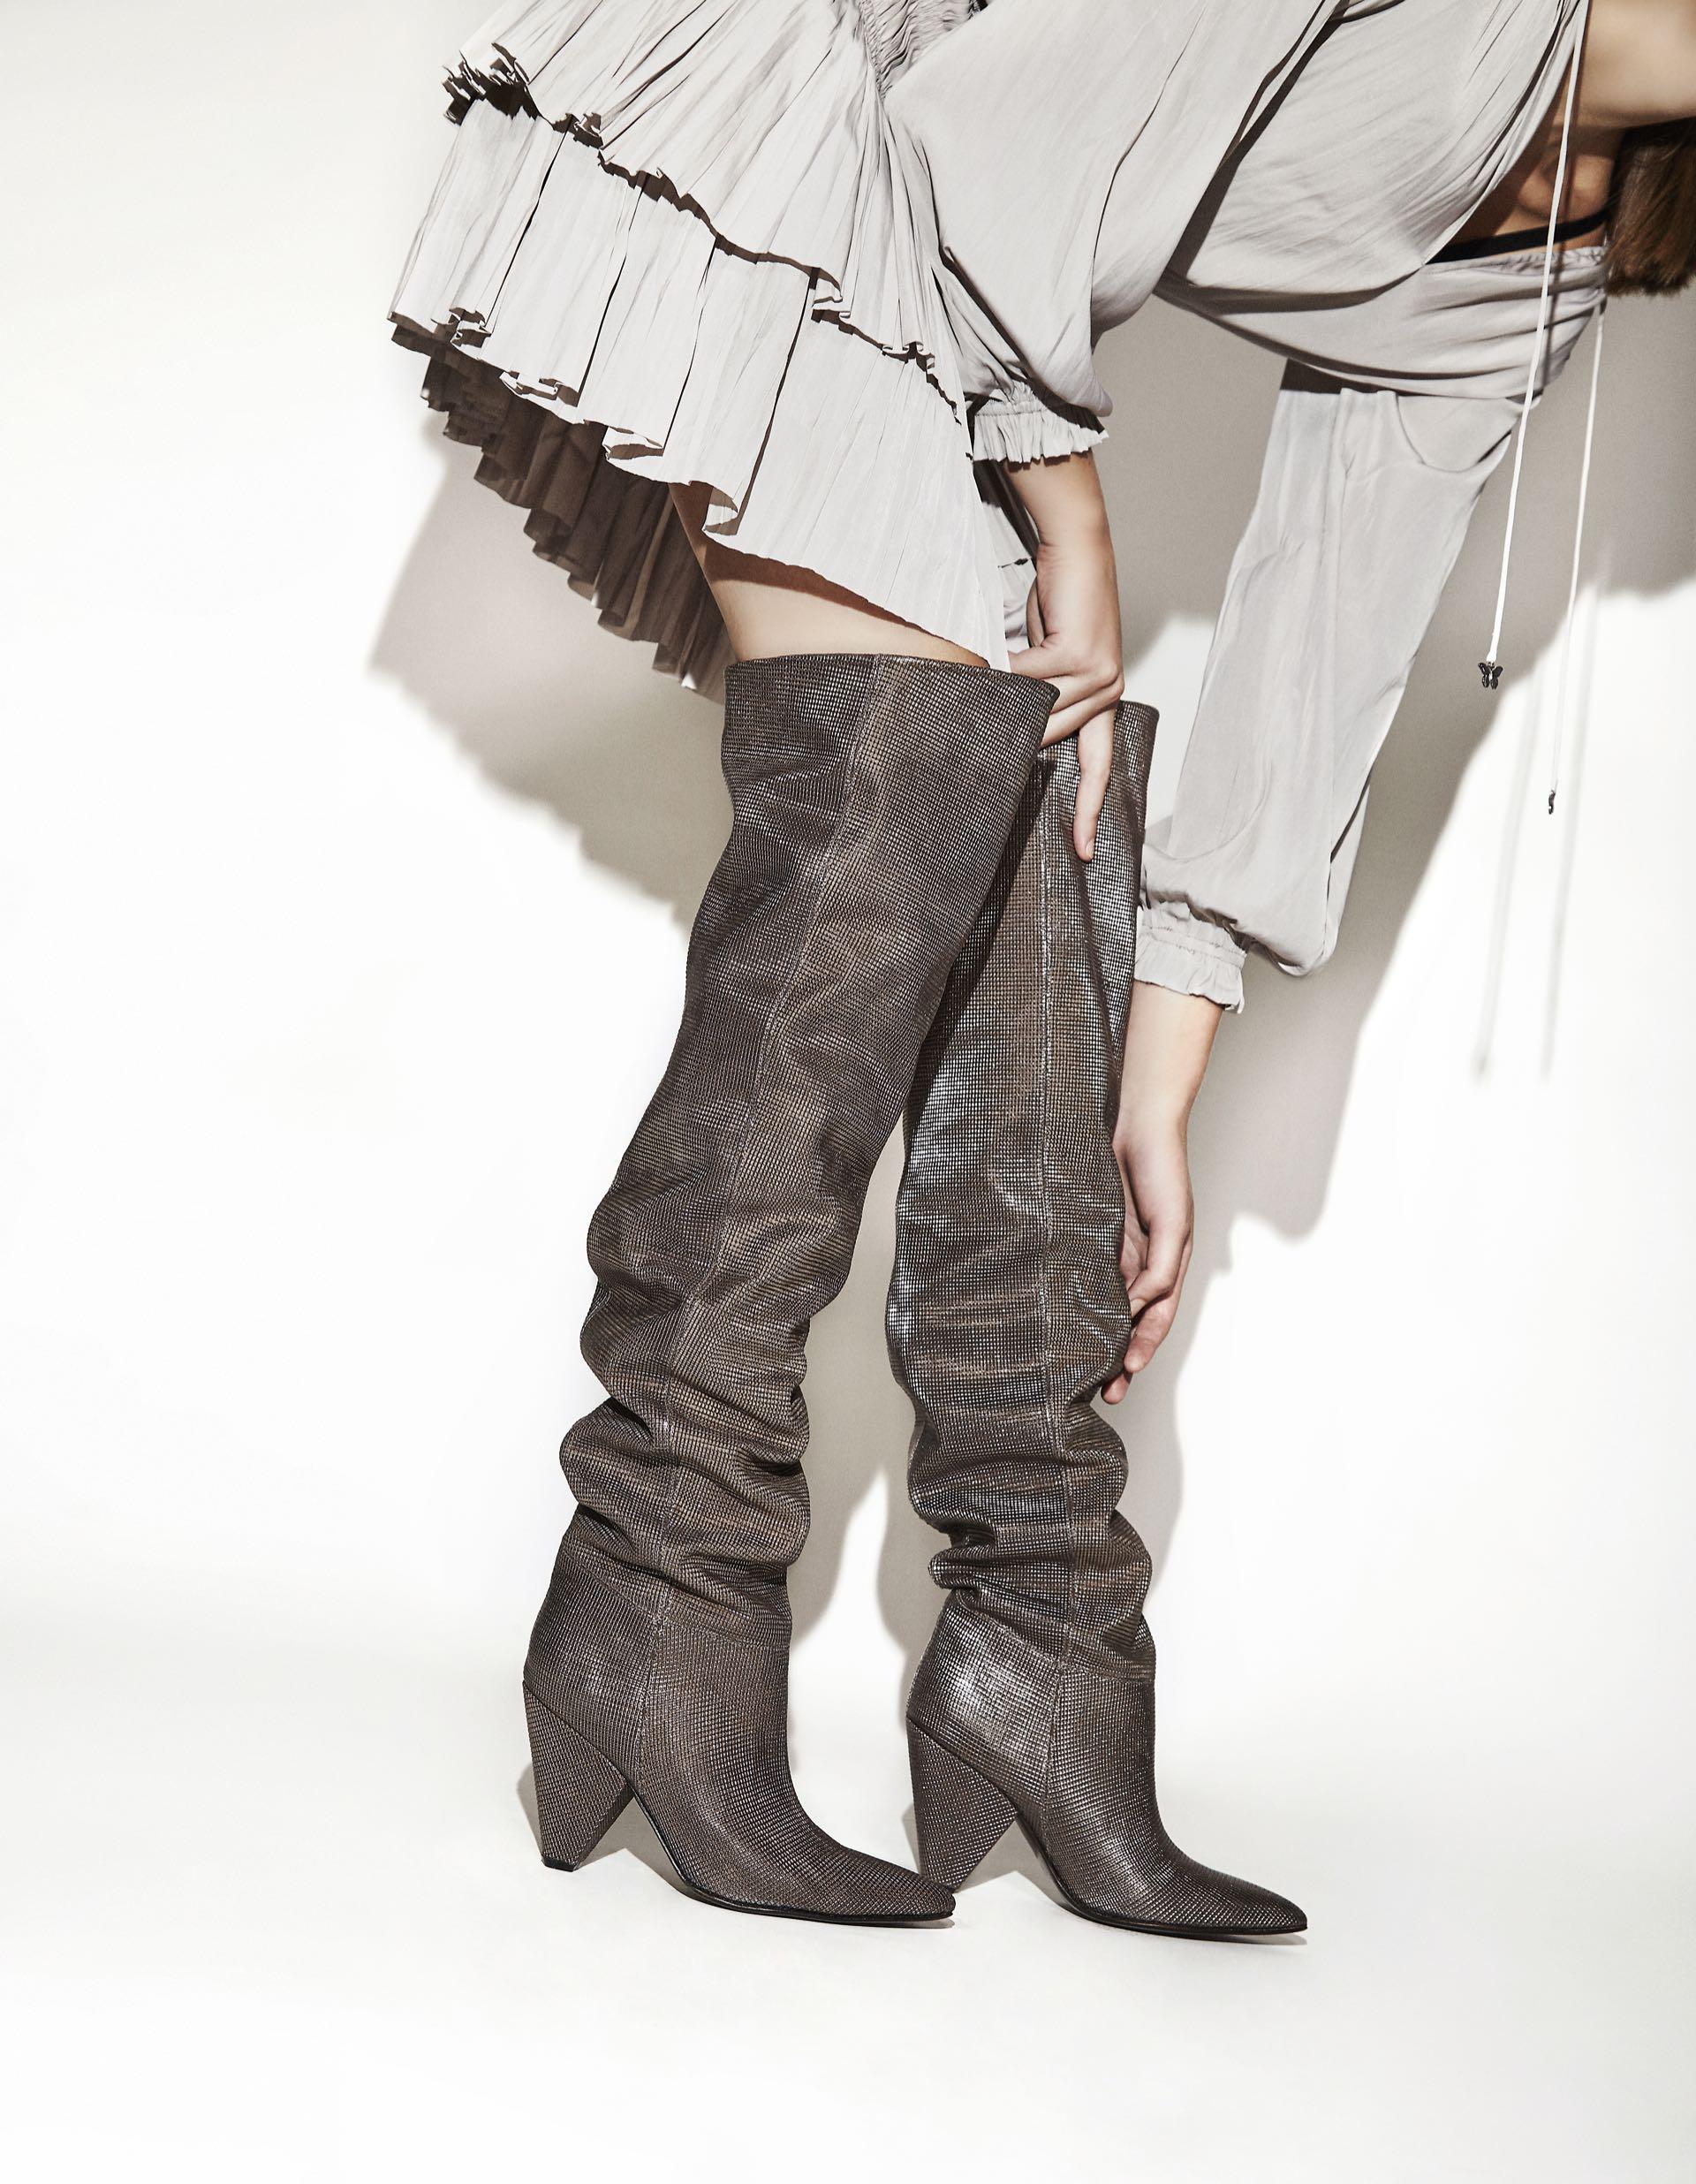 METAL NIGHT.Bucanera metalizada ($ 8.500, Saverio Di Ricci) y vestido plisado ($ 4.600, Rapsodia). (Fotos: Chino Toccalino/ Para Ti)